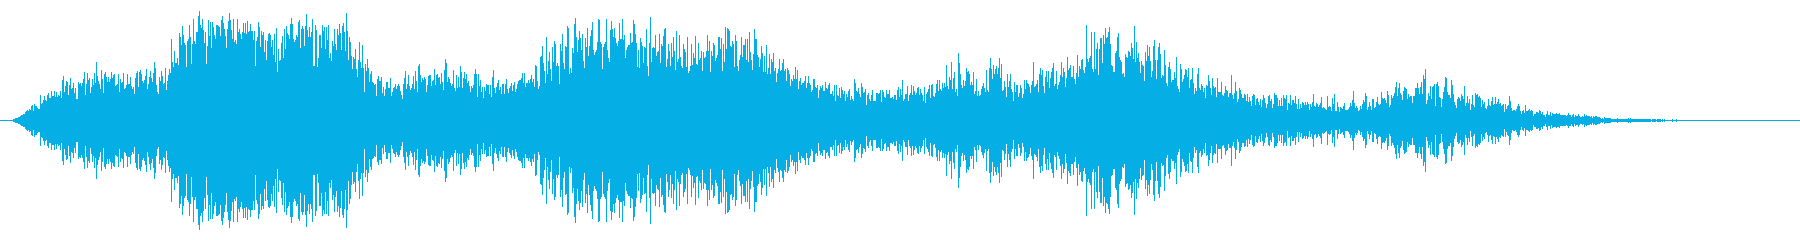 3つの重い空気の蹄の再生済みの波形